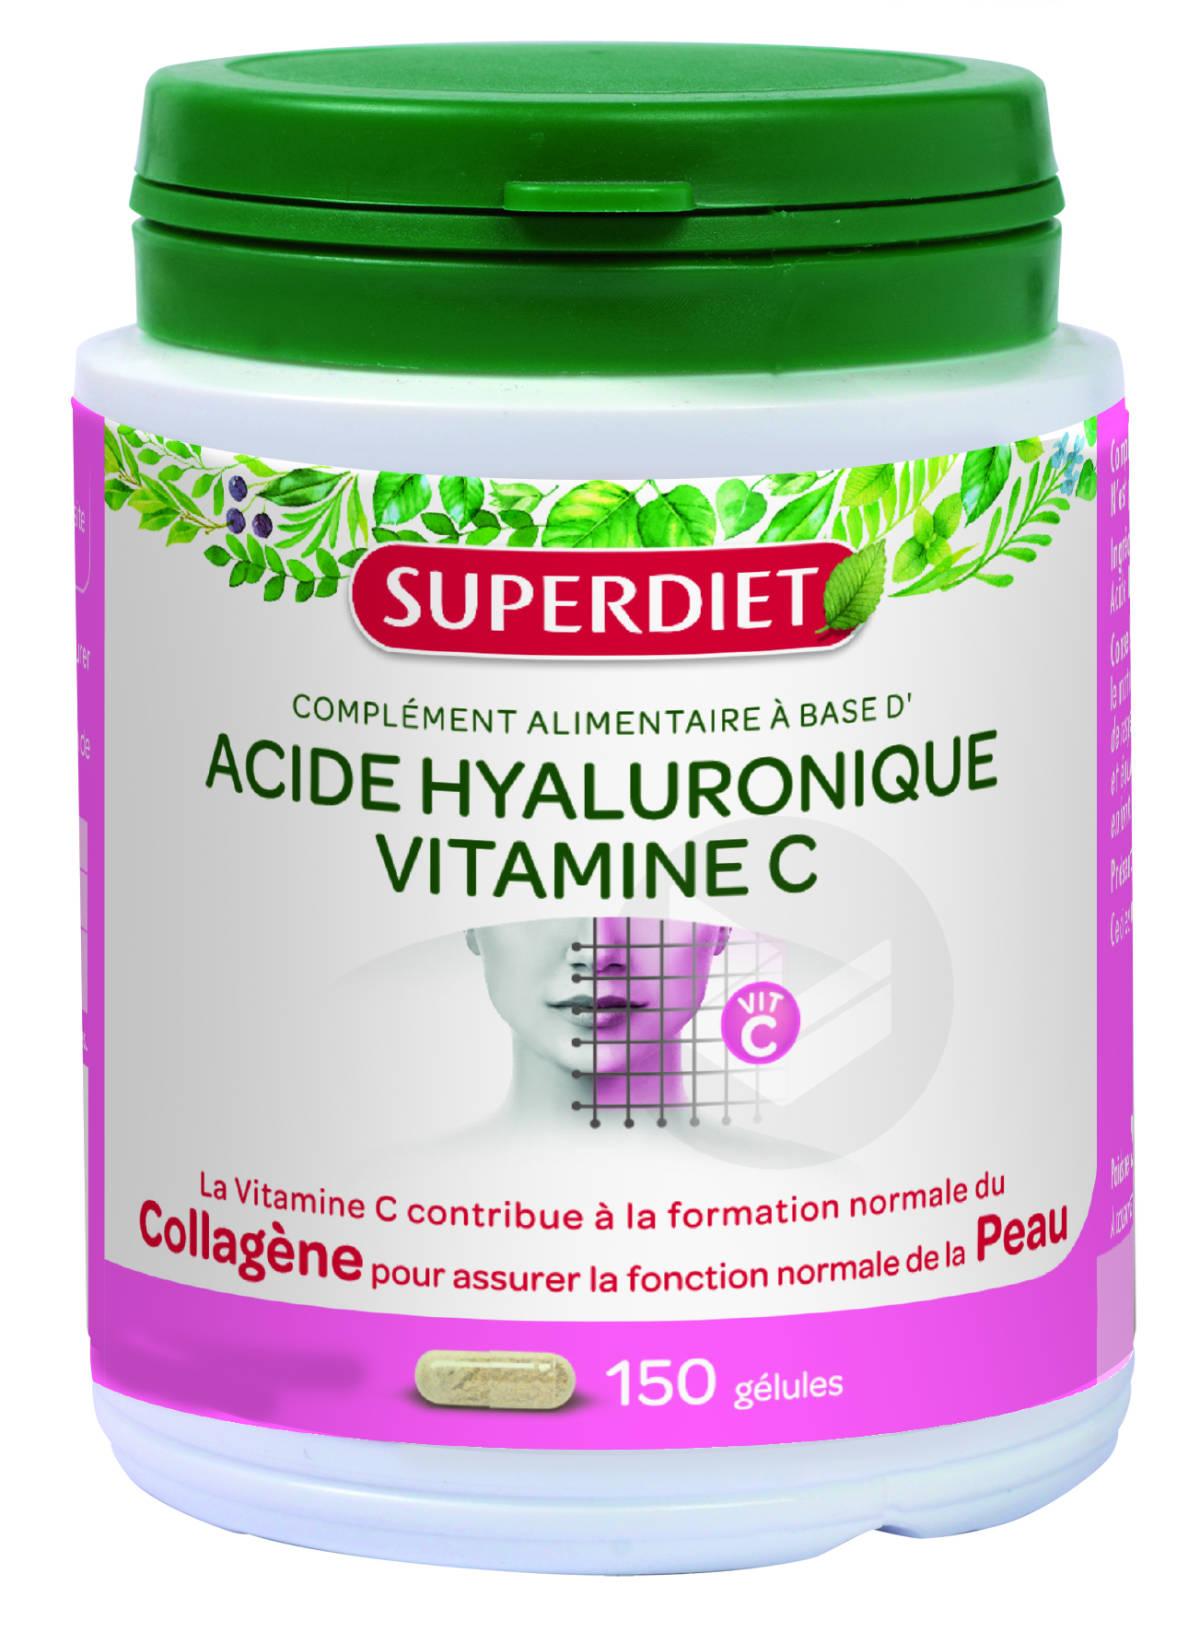 Acide Hyaluronique Vitamine C 150 Gelules